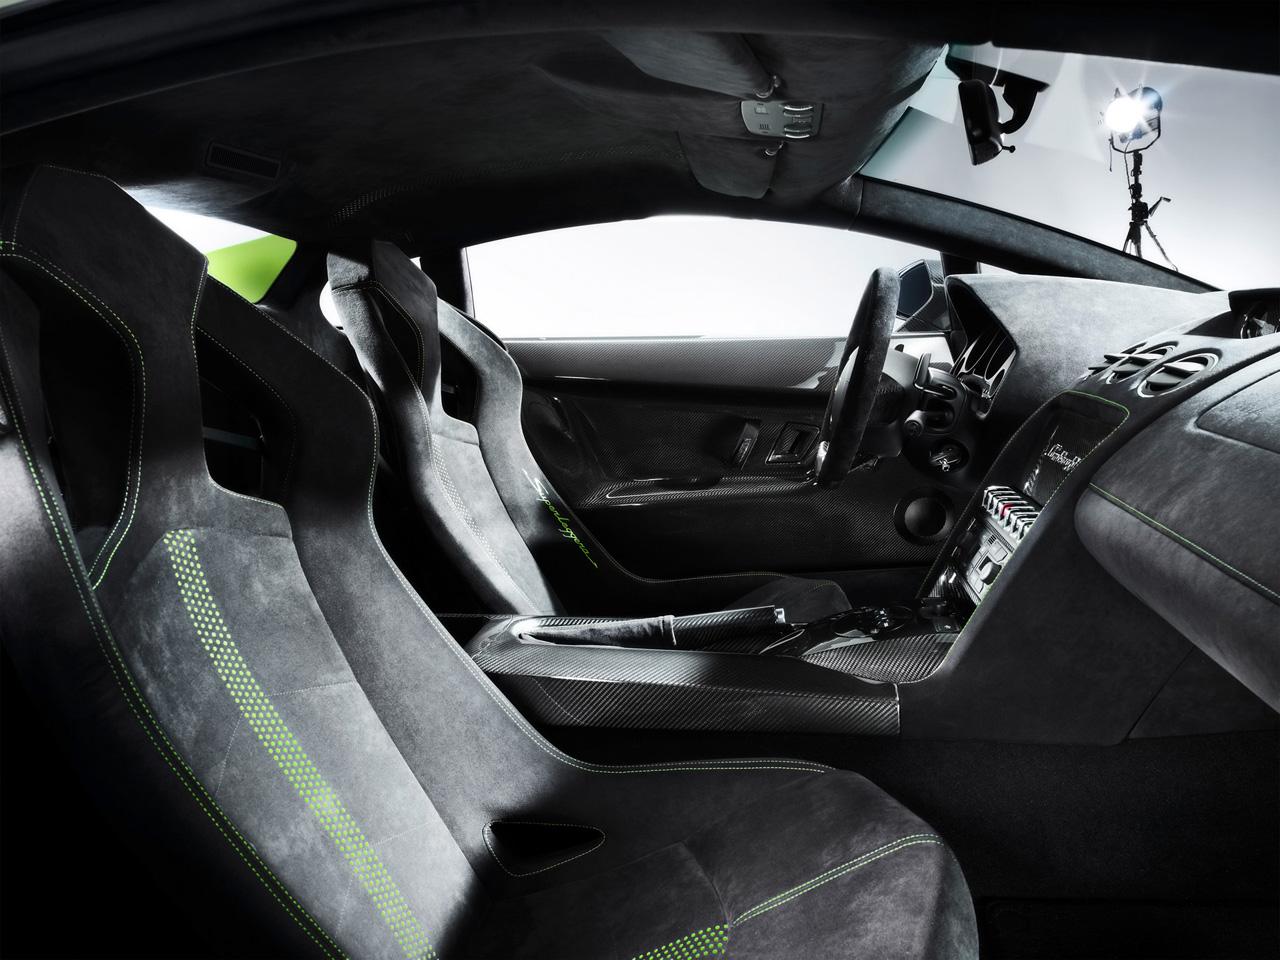 Idee per interno 2010-Lamborghini-Gallardo-LP-570-4-Superleggera-Interior-1280x960